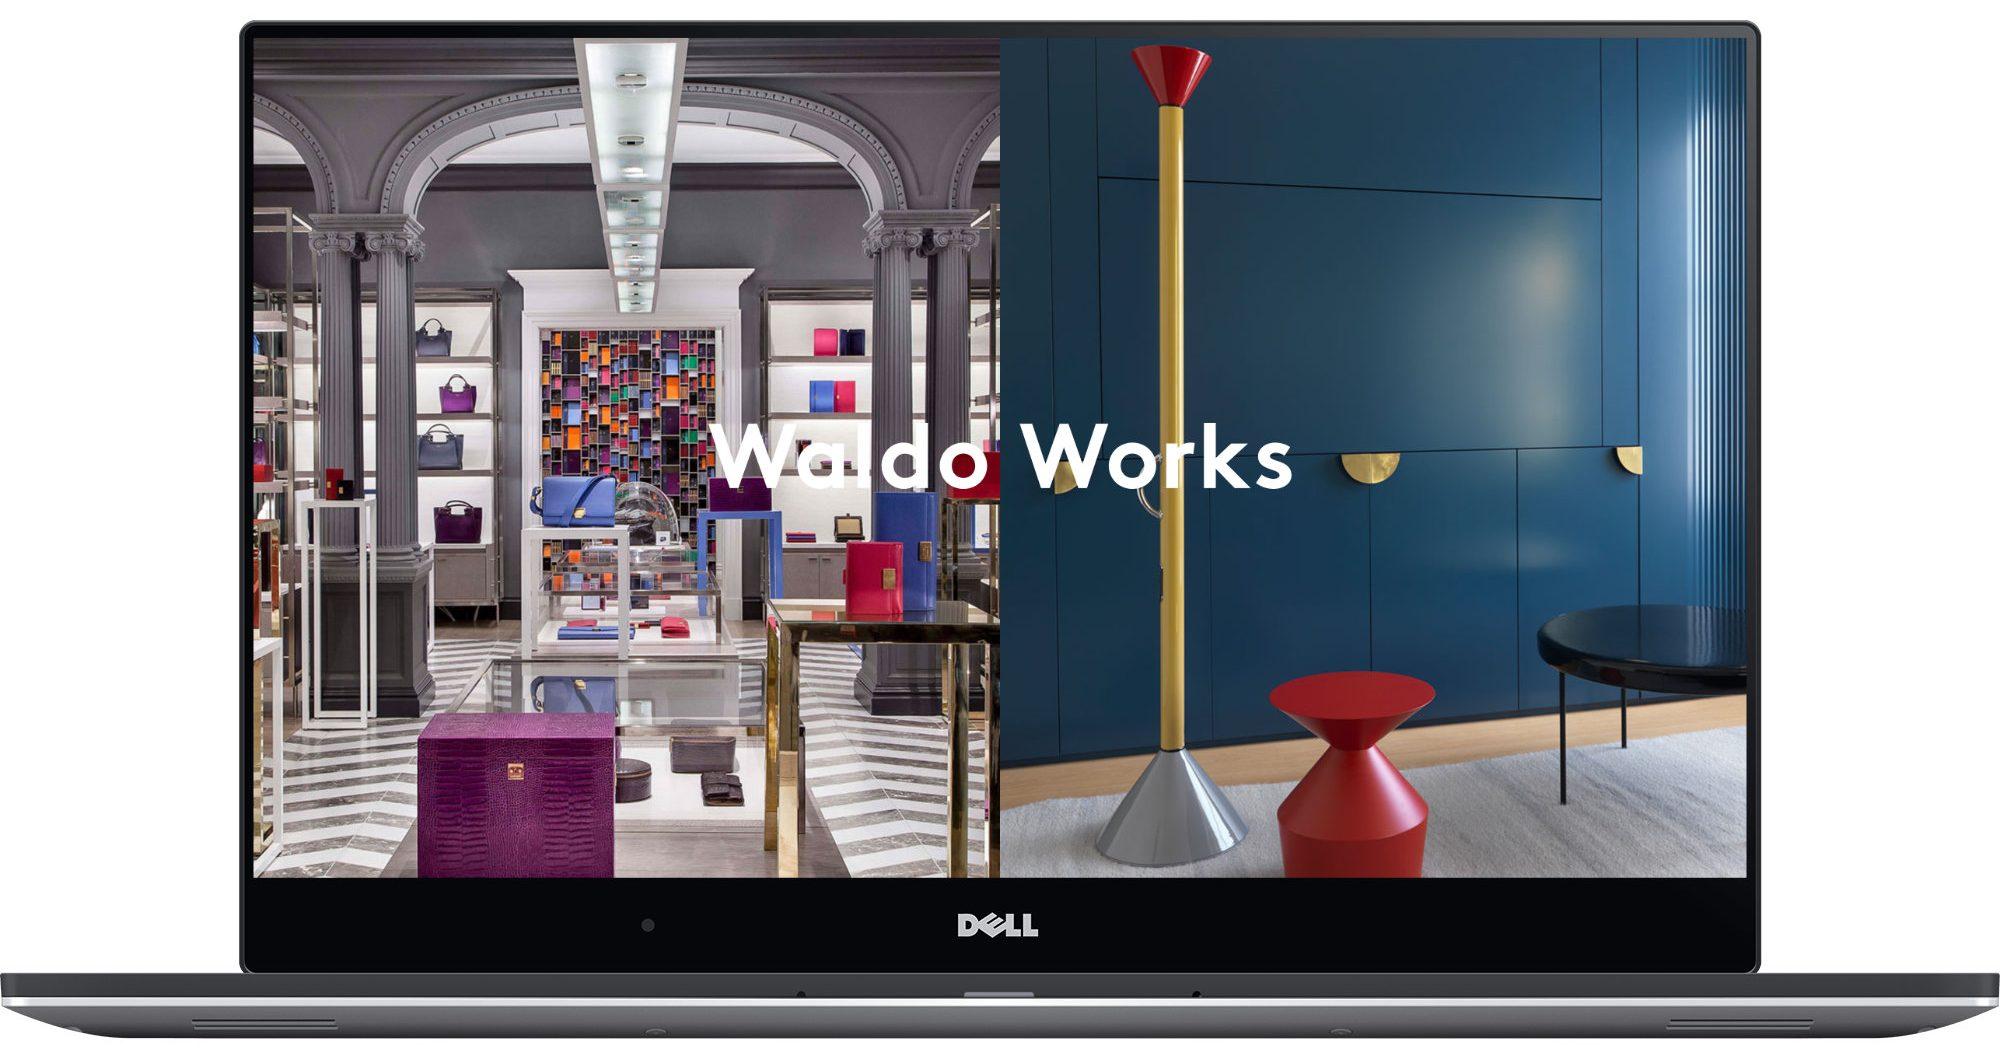 Waldo Works Laptop Screenshot